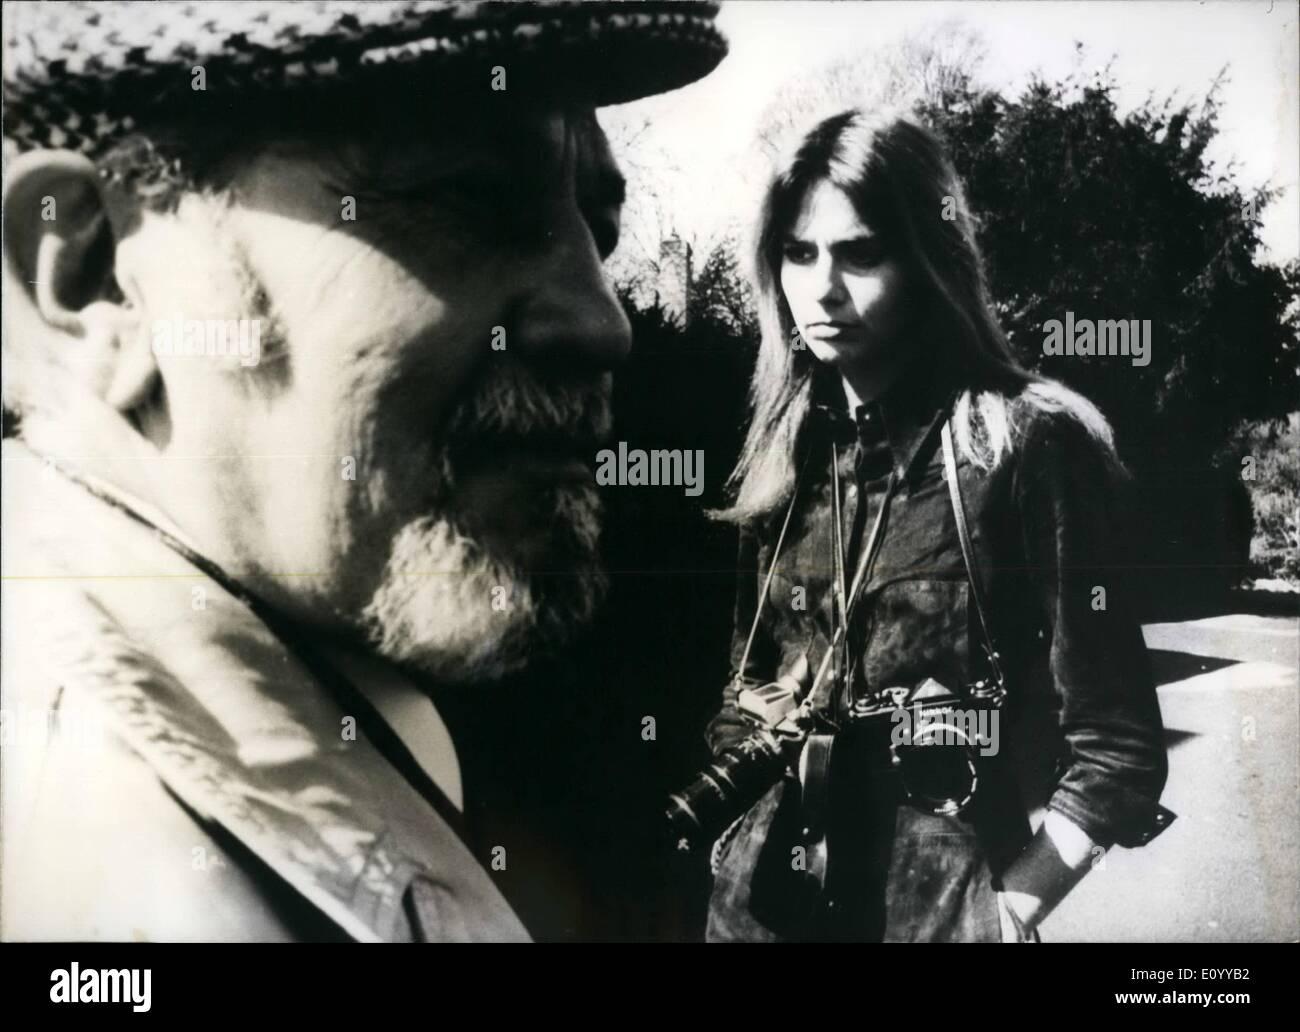 Nov 11, 1971 - Un nuevo thriller Durbridge en la televisión alemana occidental: Esta nueva serie en tres episodios titulada ''El Cuchillo''. Imagen De Stock